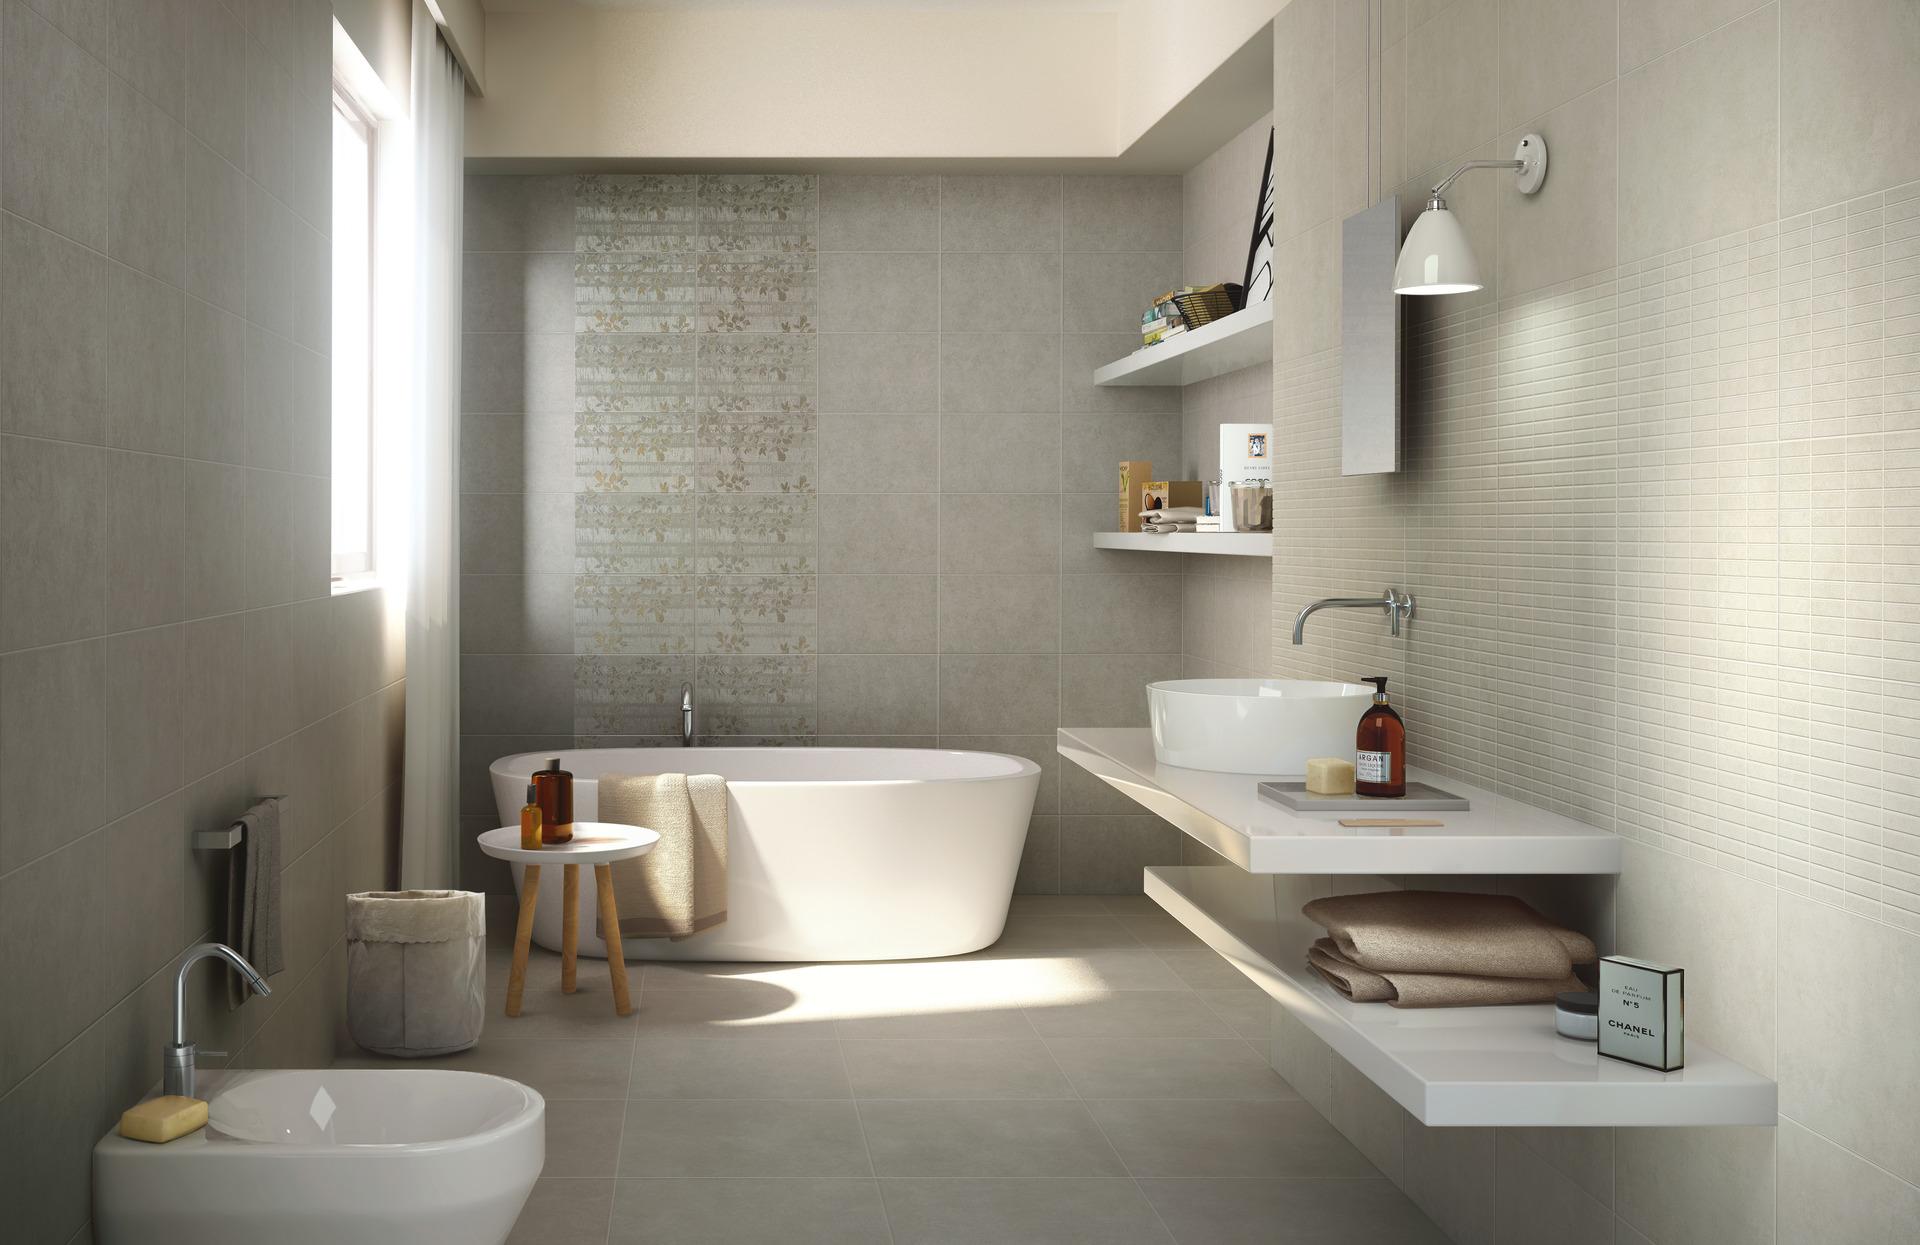 Collezione Casablanca: Ceramica per bagno e cucina | Ragno